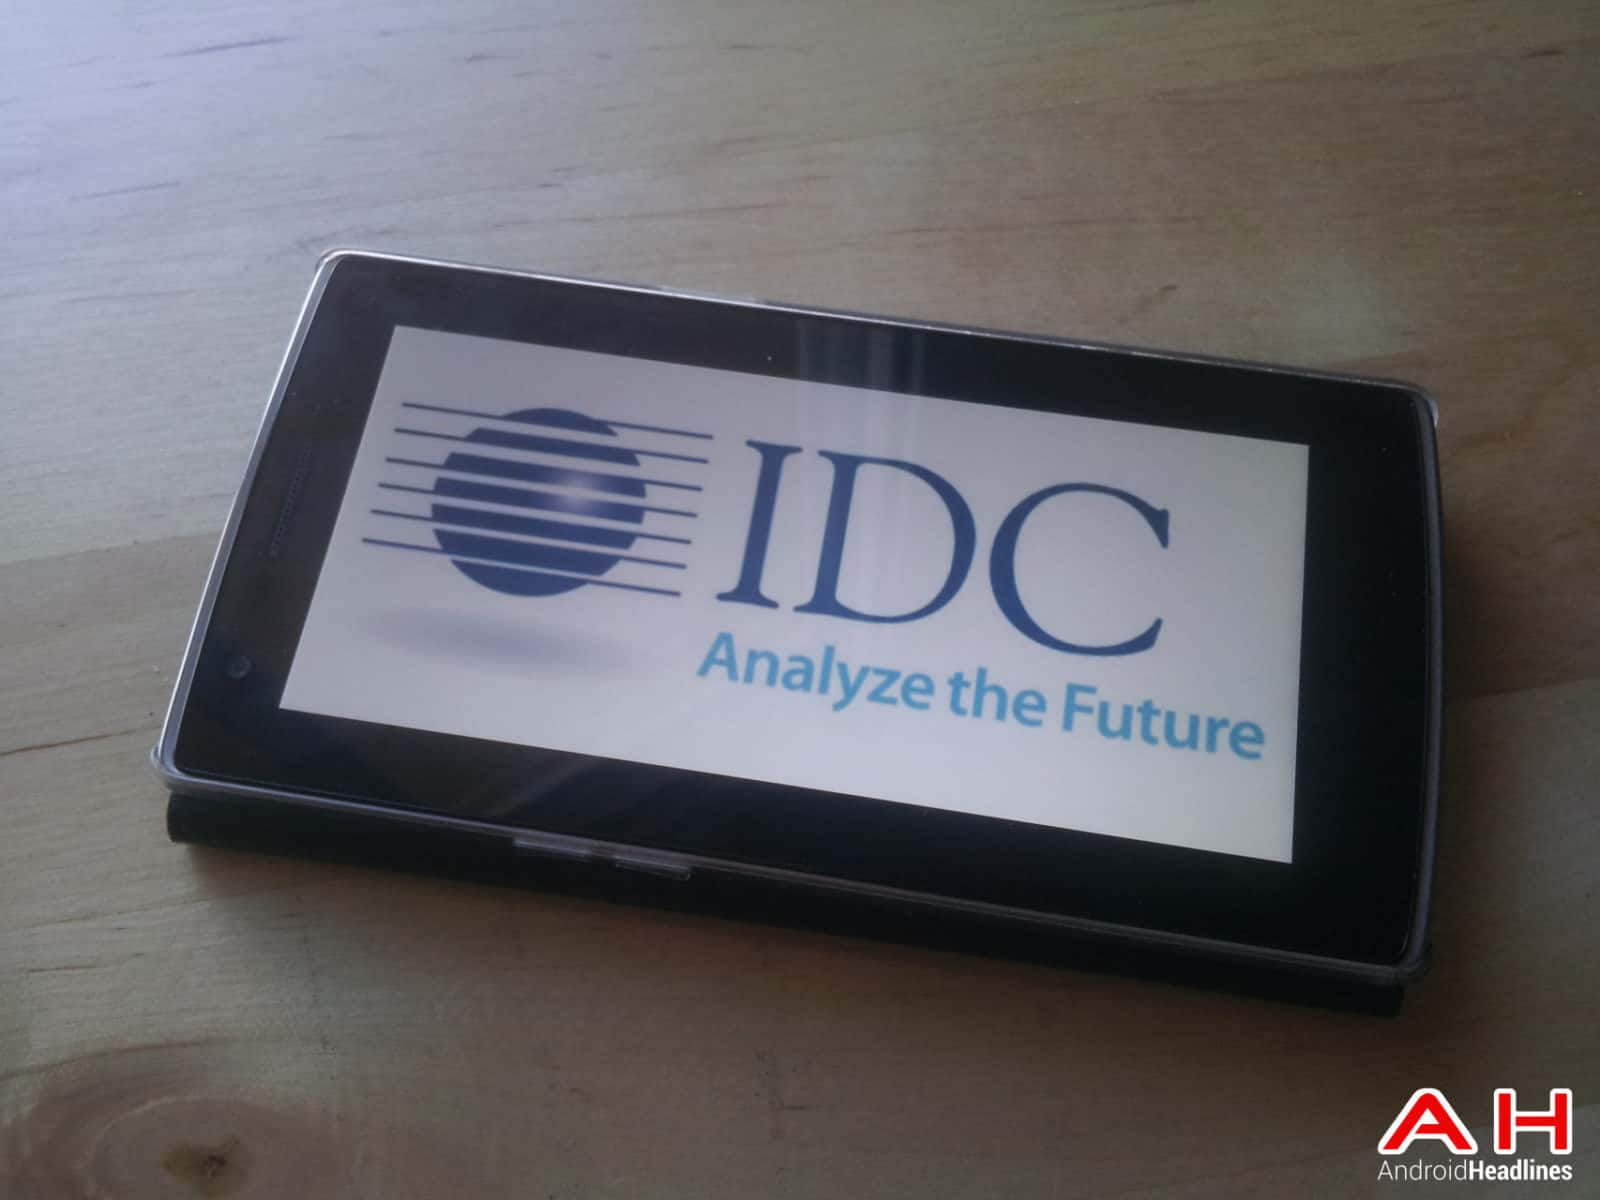 IDC_Logo_AH-1